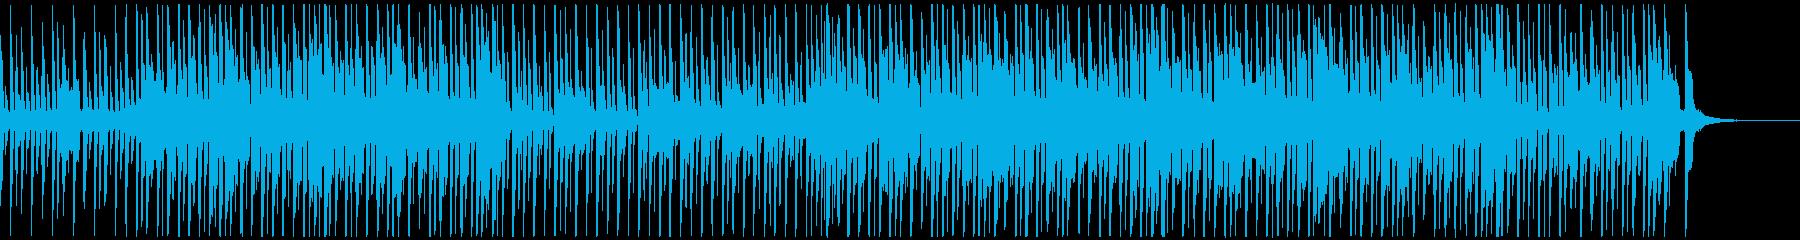 チープ感がオシャレ可愛いロック、ショートの再生済みの波形